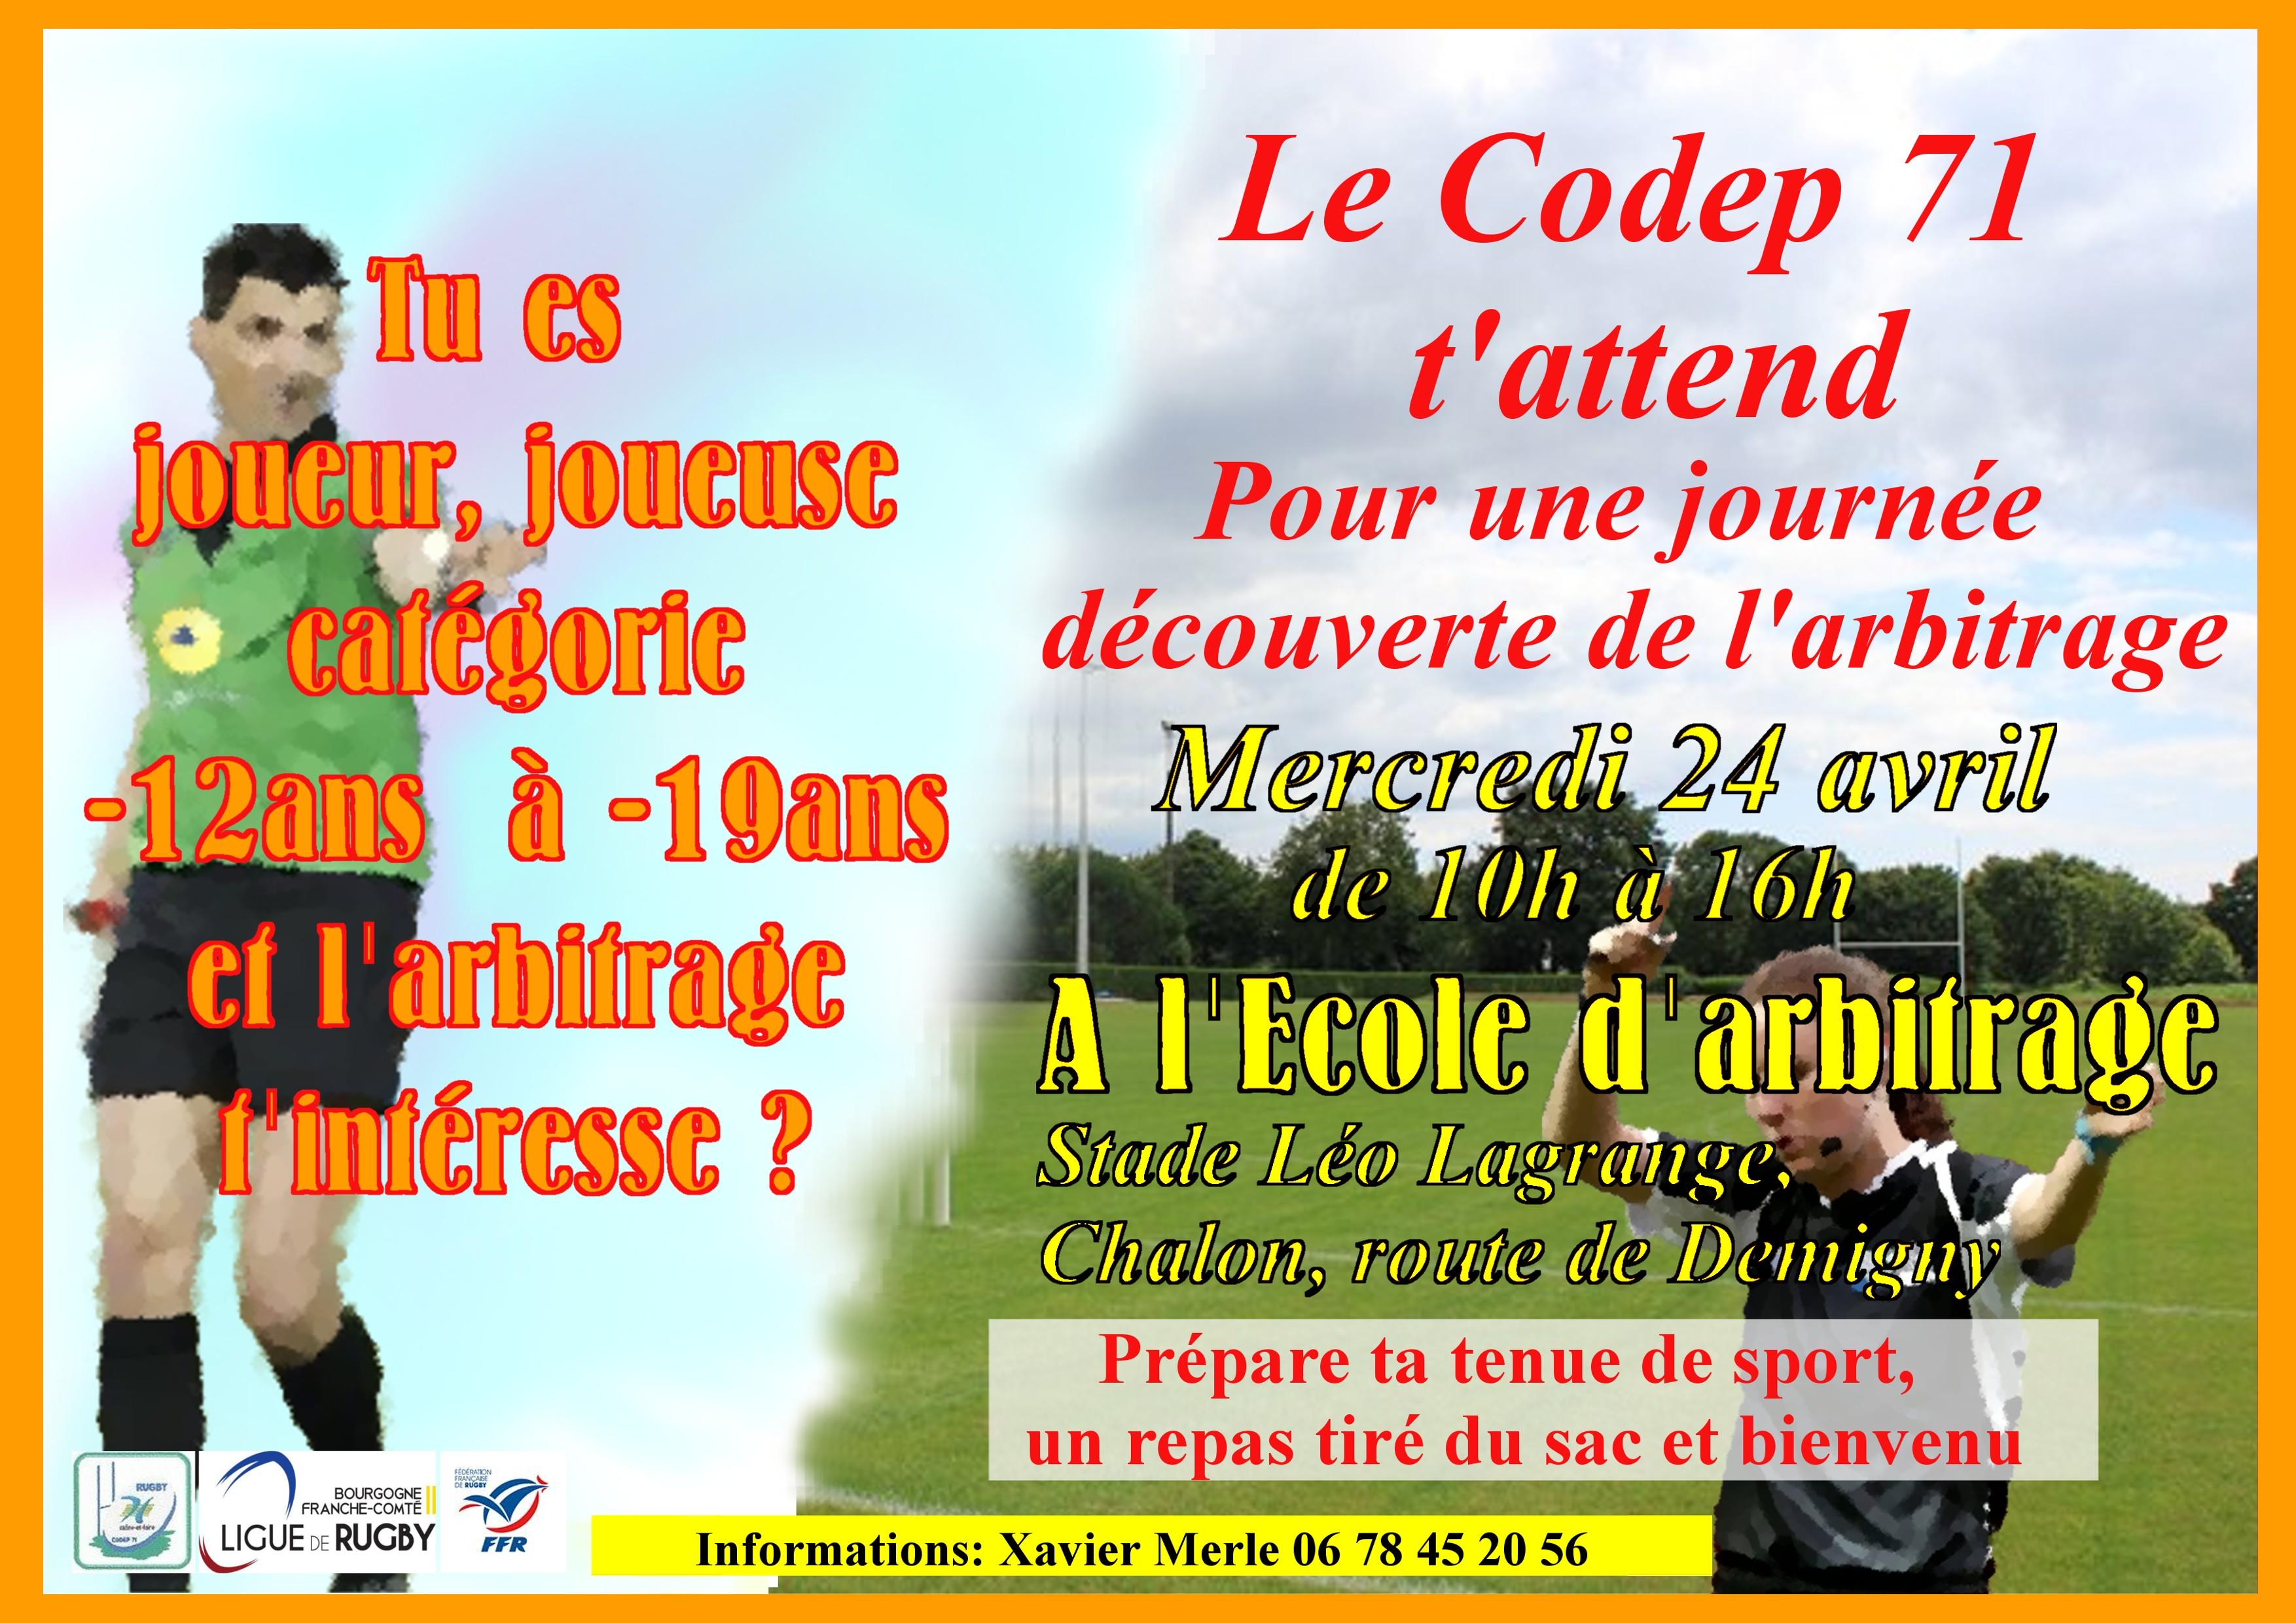 Affiche CODEP 71 Arbitrage